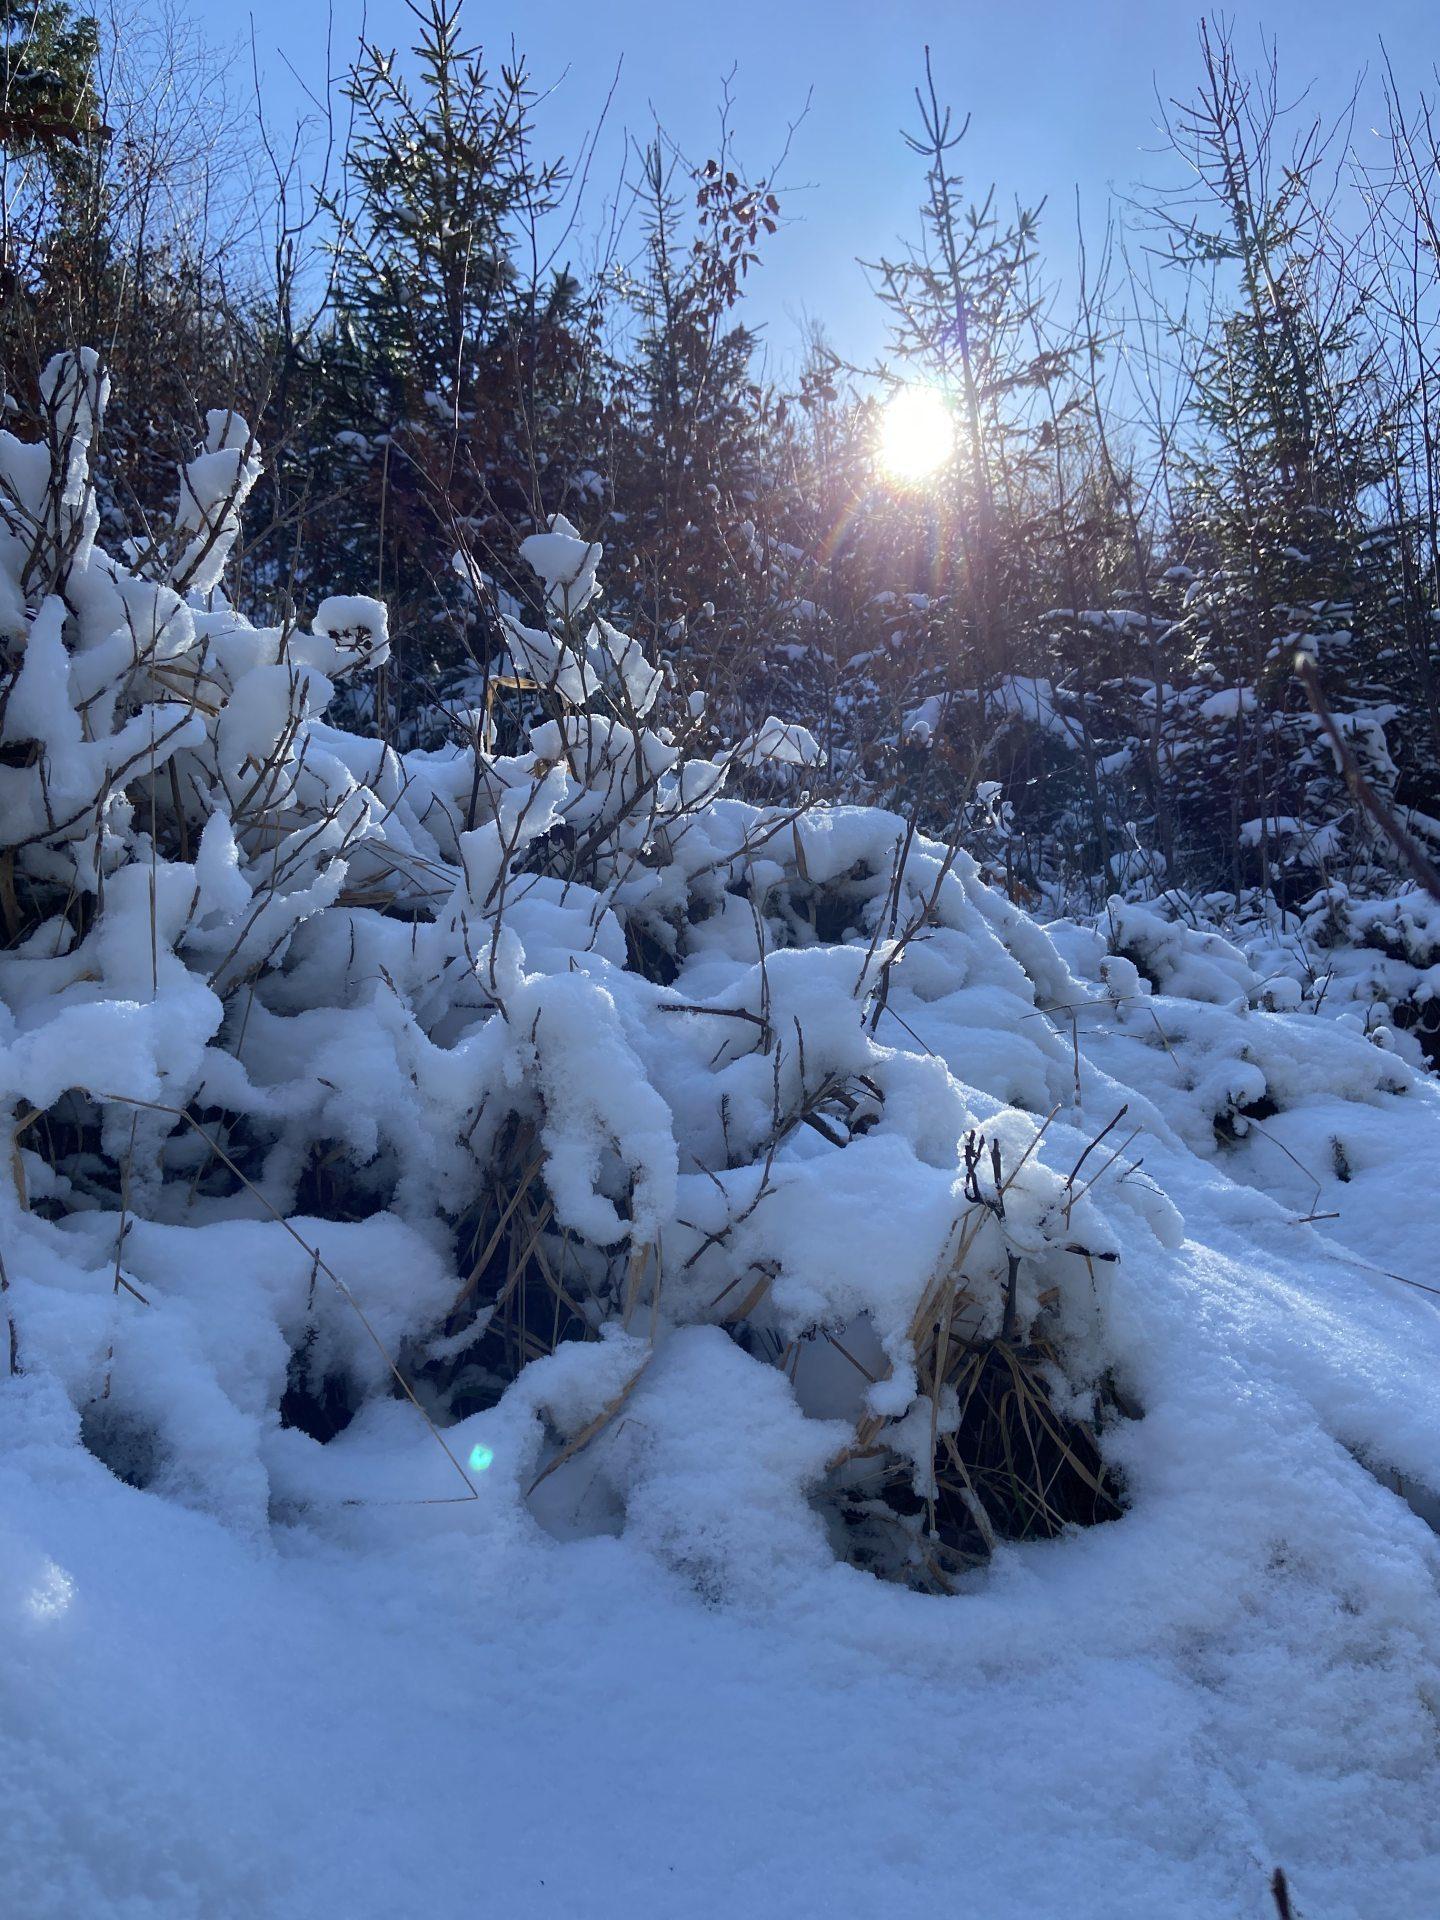 Winter im Frühling hat seinen ganz besonderen Reiz! - Bäume, Licht, Lichteinfall, Natur, Ramsau, Schnee, Sonne, Sonnenstrahlen, Strahlen, Unterberg - (Adamsthal, Kieneck, Niederösterreich, Österreich)